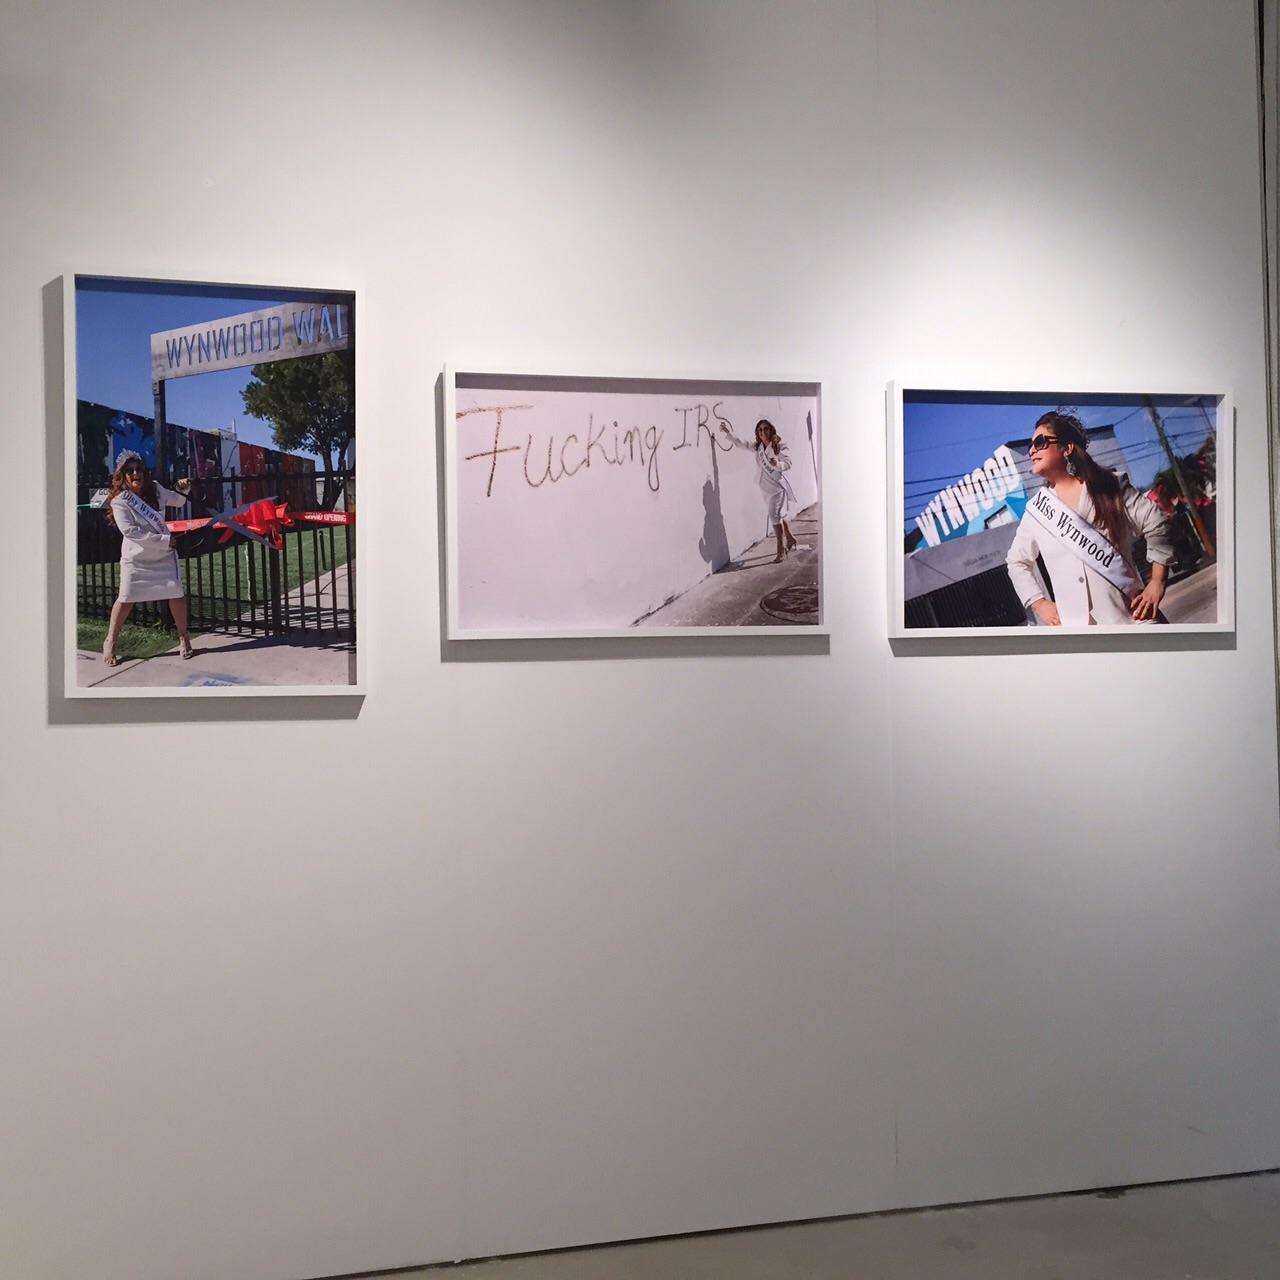 nina-dotti-art-fairs-biennials-art-wynwood-miss-wynwood-6.jpg